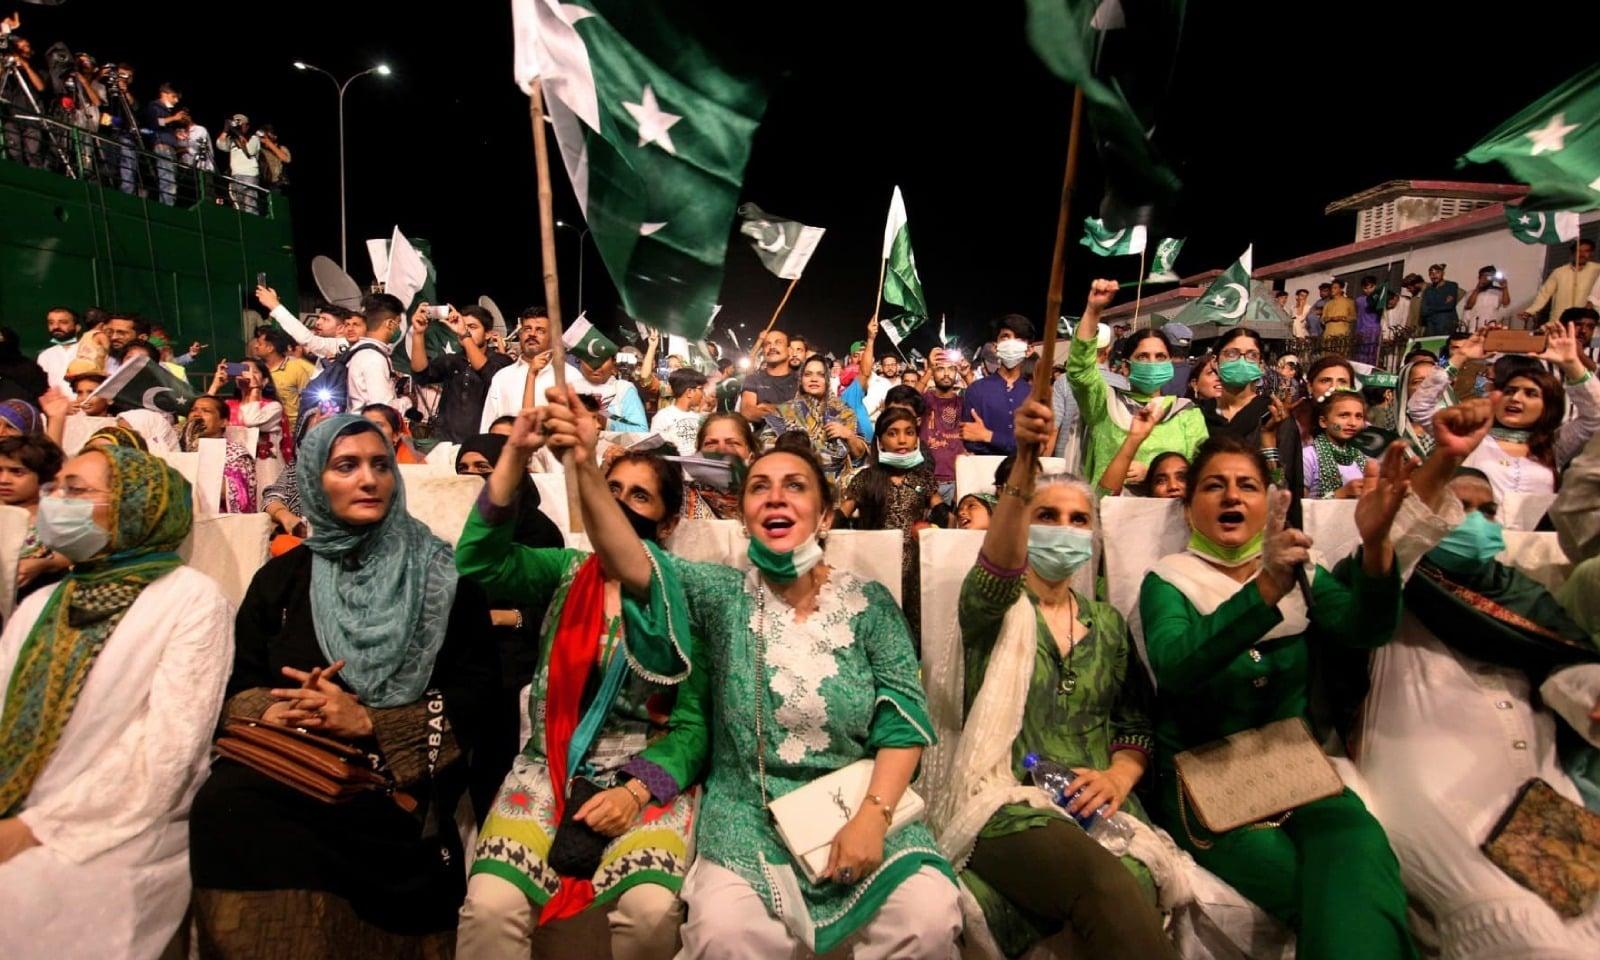 کراچی میں آتش بازی دیکھتے ہوئے لوگ خوشی سے شور مچا رہے ہیں — فوٹو: اے پی